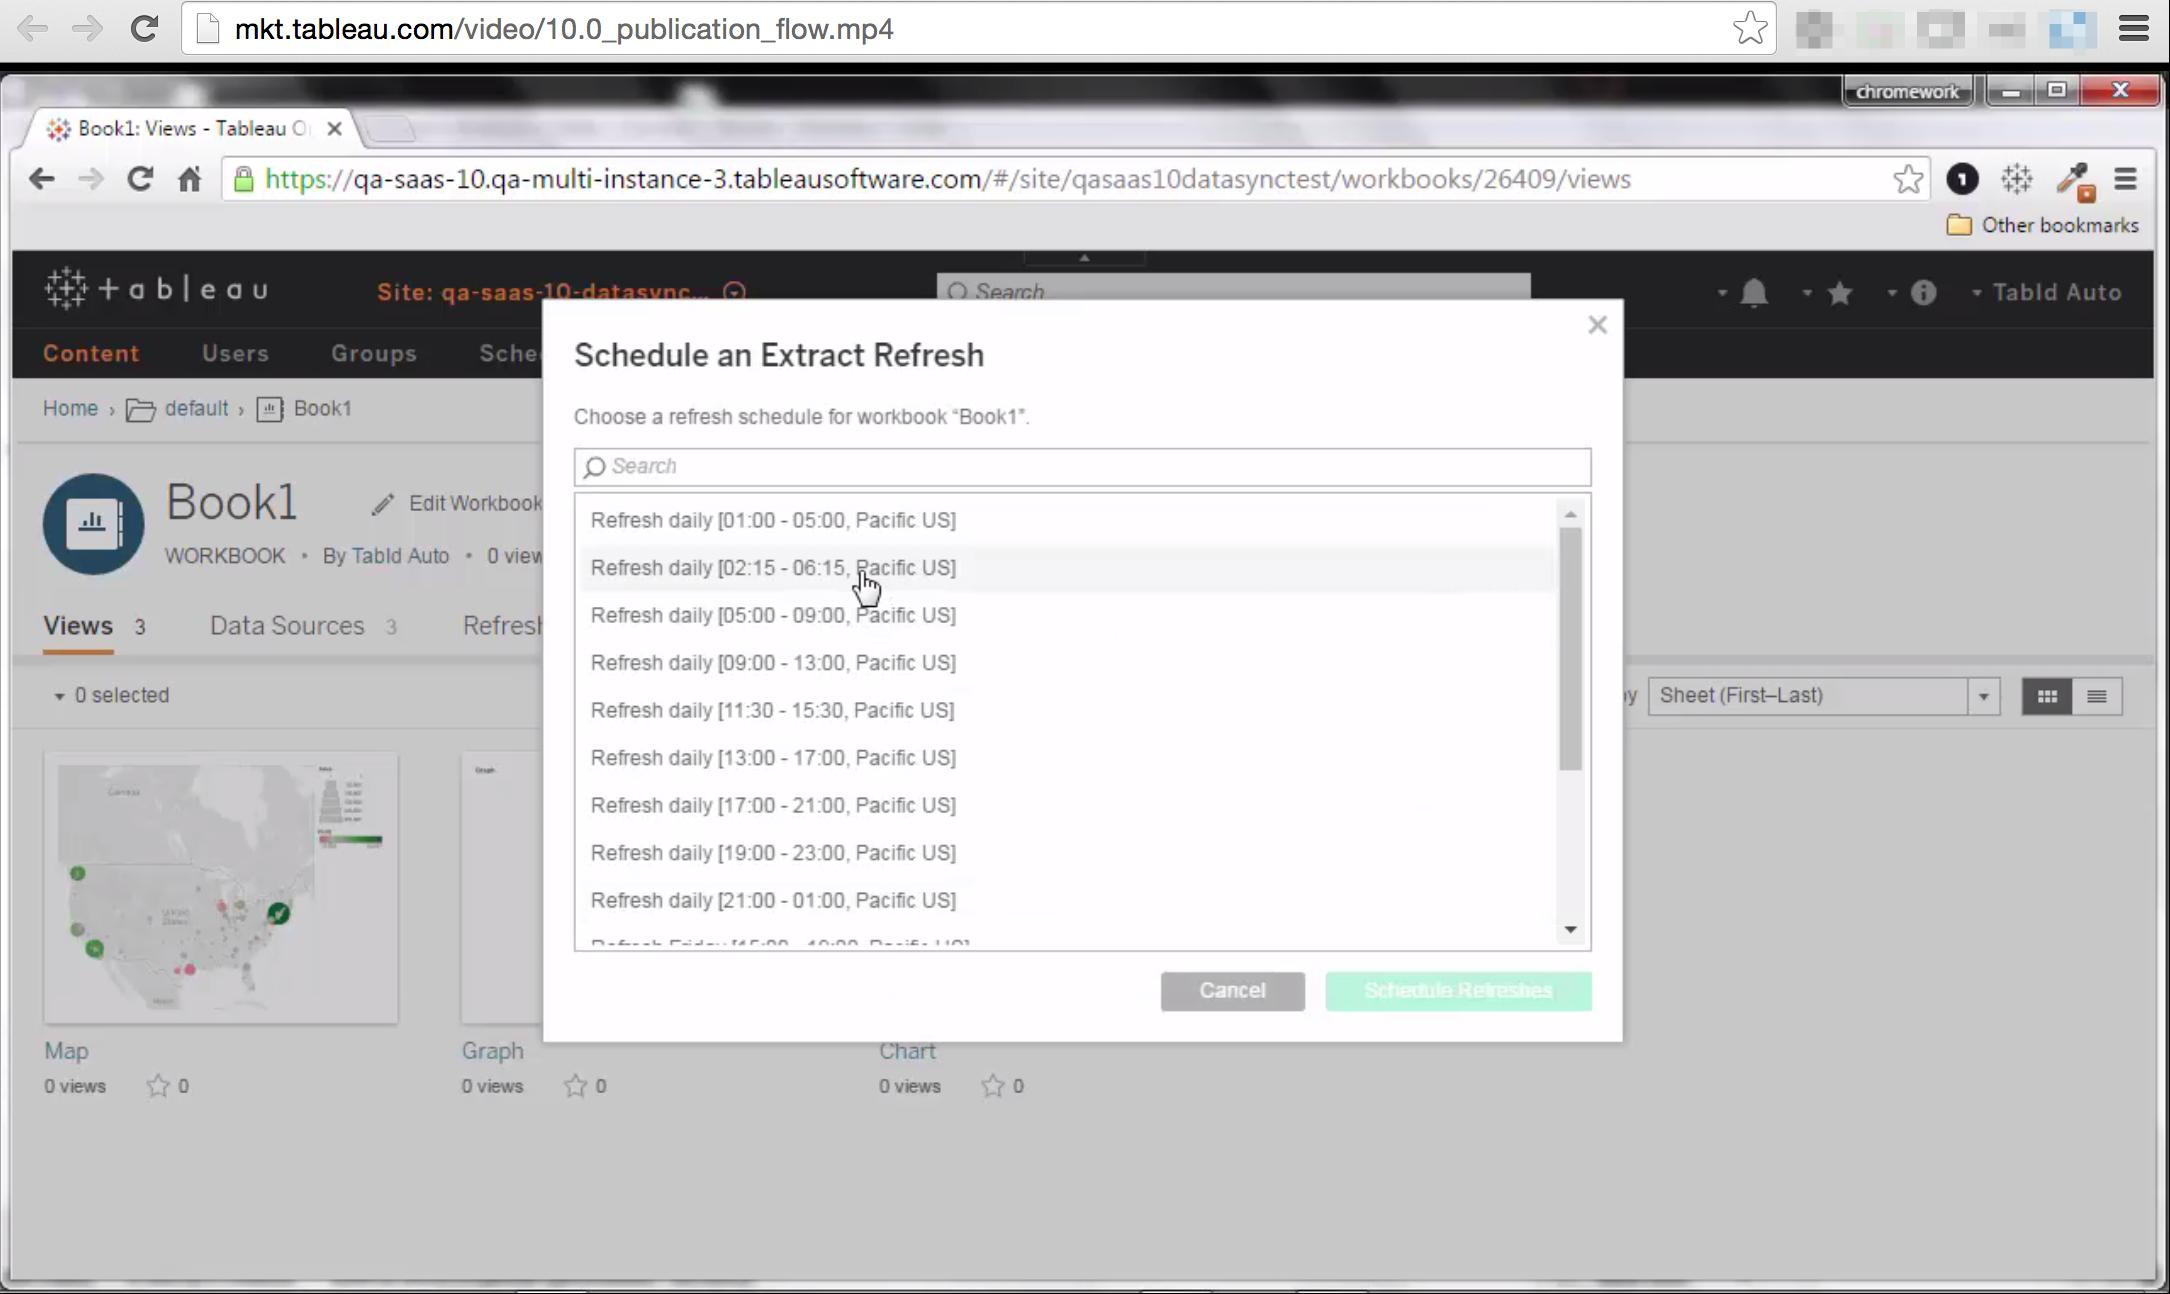 tableau-server-publish-flow_09